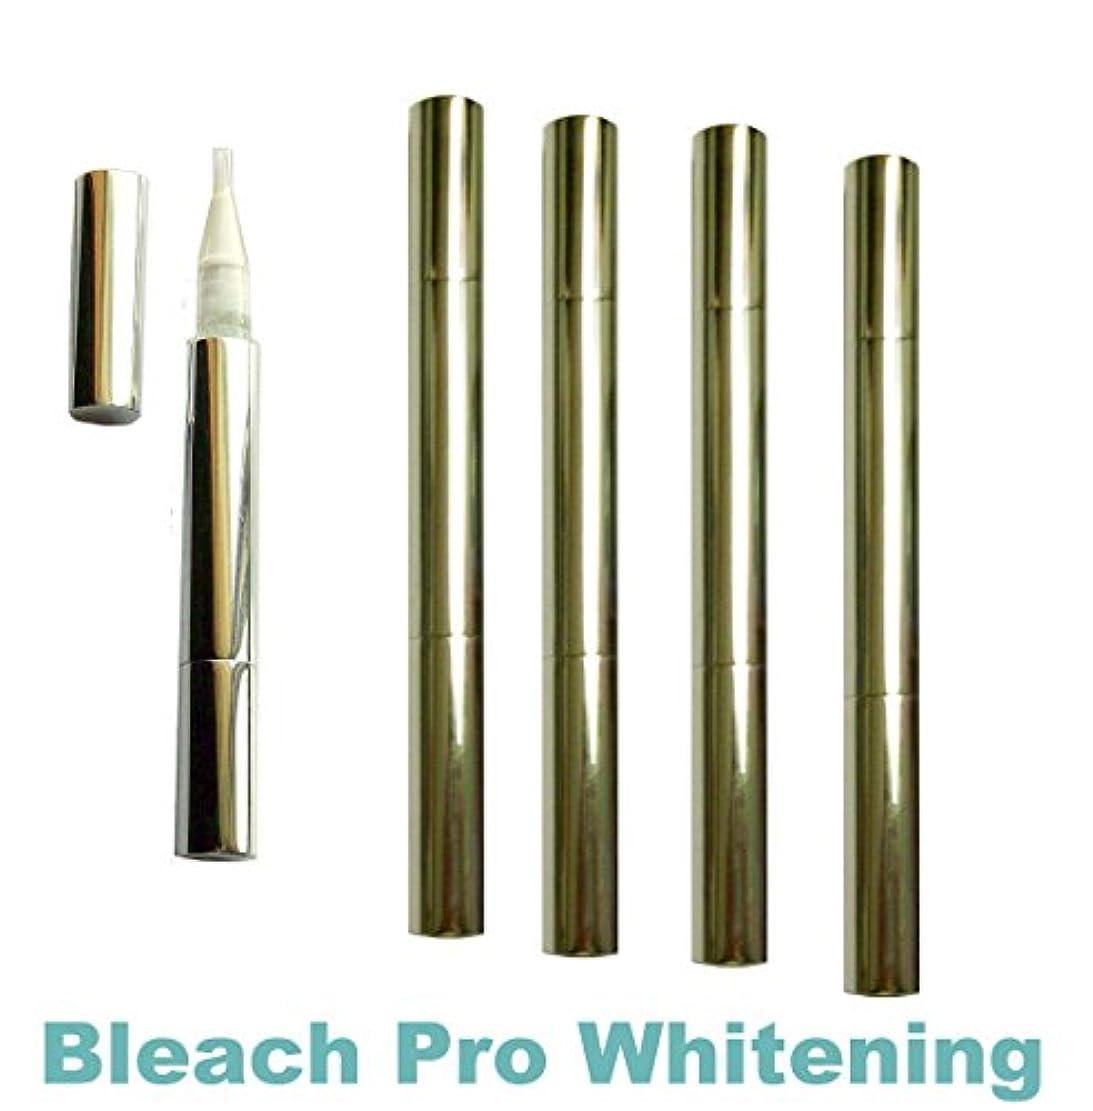 オートマトン奇妙なリムTeeth Whitening Gel Pens 35% Carbamide Peroxide Tooth Bleaching Formula Pen with Brush Tip Gel Dispenser. 5 Whitening...